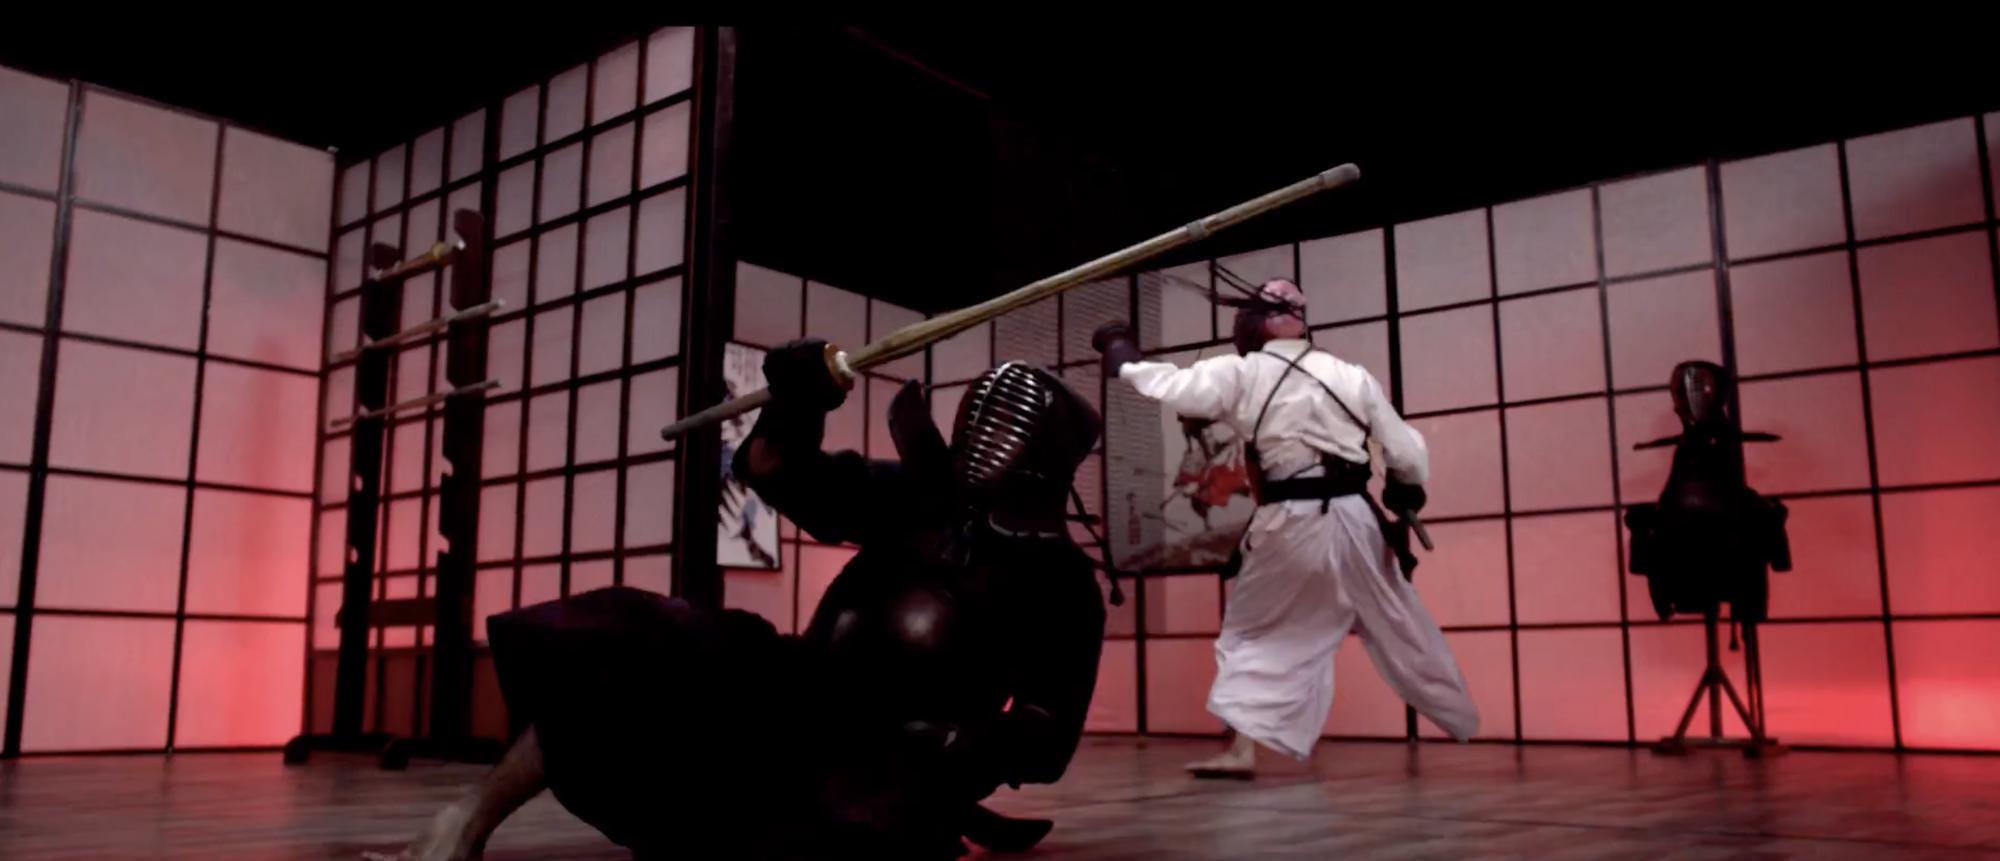 B Trần và Harry Lu lộ clip đấu kiếm kendo đẹp mãn nhãn ở Thật Tuyệt Vời Khi Ở Bên Em - Ảnh 11.